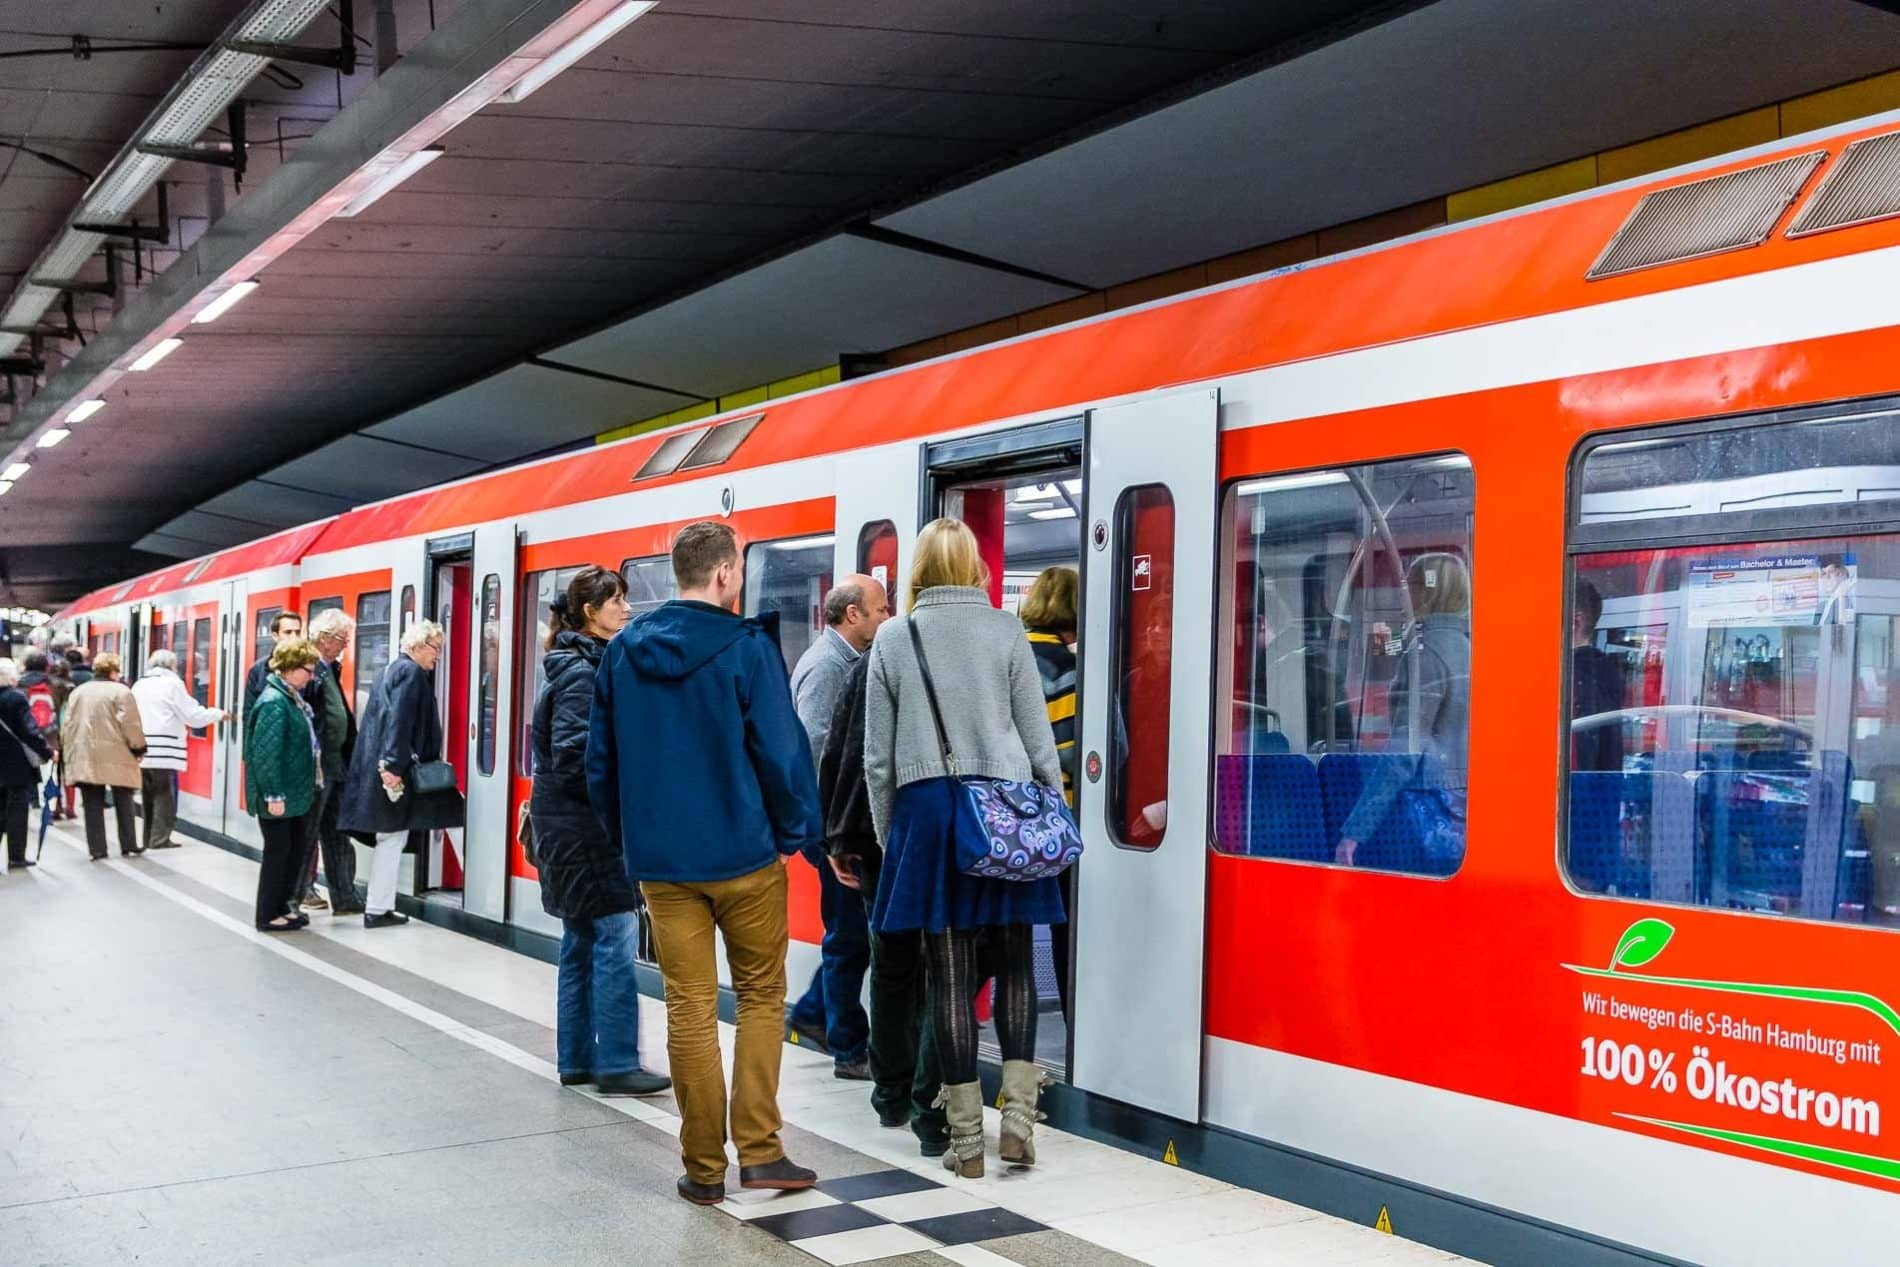 Menschen steigen am Bahnhof Hamburg-Jungfernstieg in eine S-Bahn